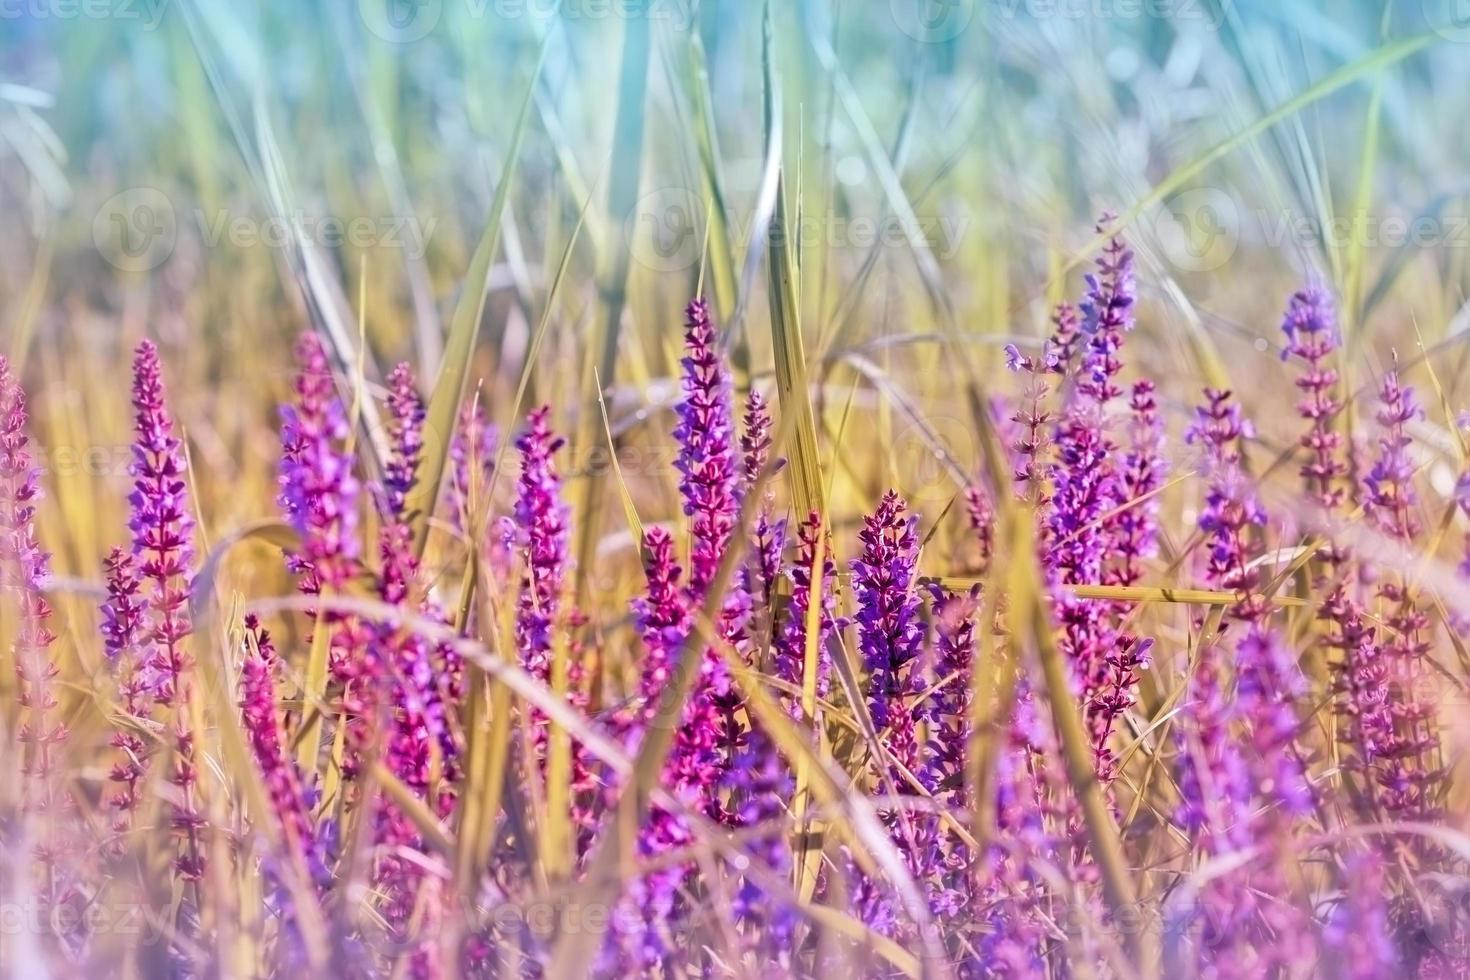 fioritura fiore di prato viola foto